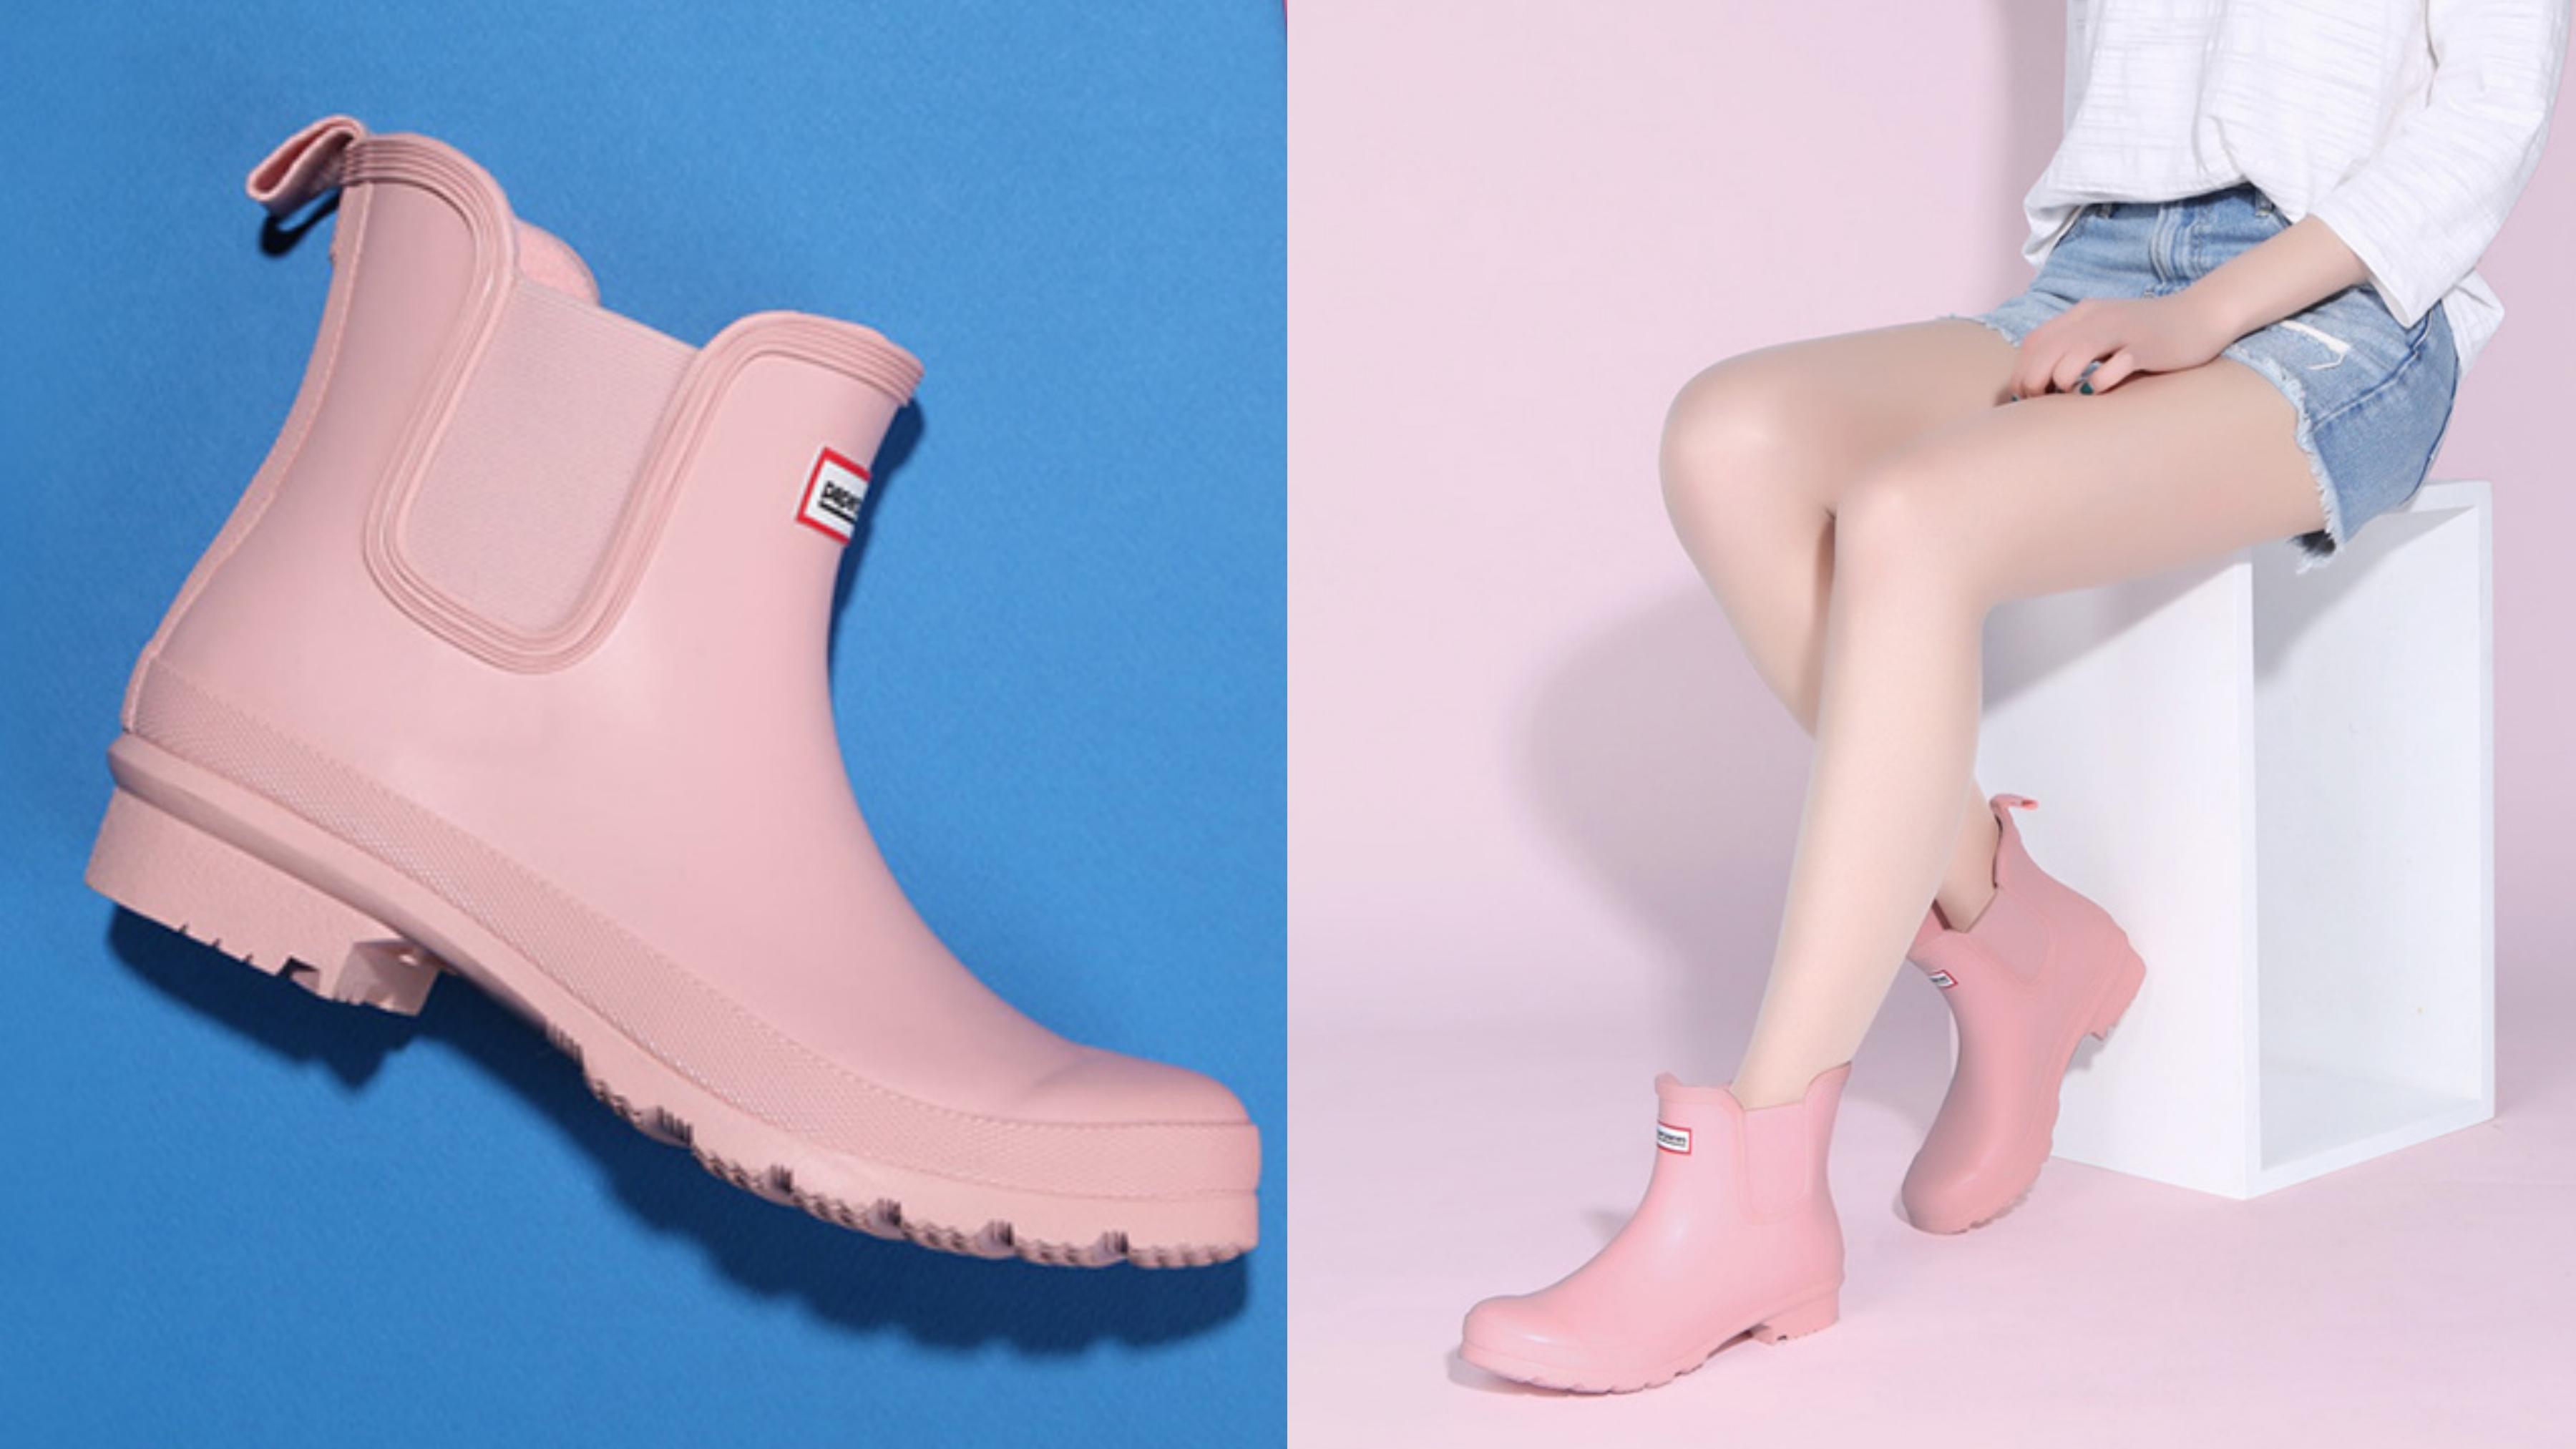 韓國潮人最愛的品牌,雨鞋一樣超亮眼,粉嫩的櫻花色有夠夢幻